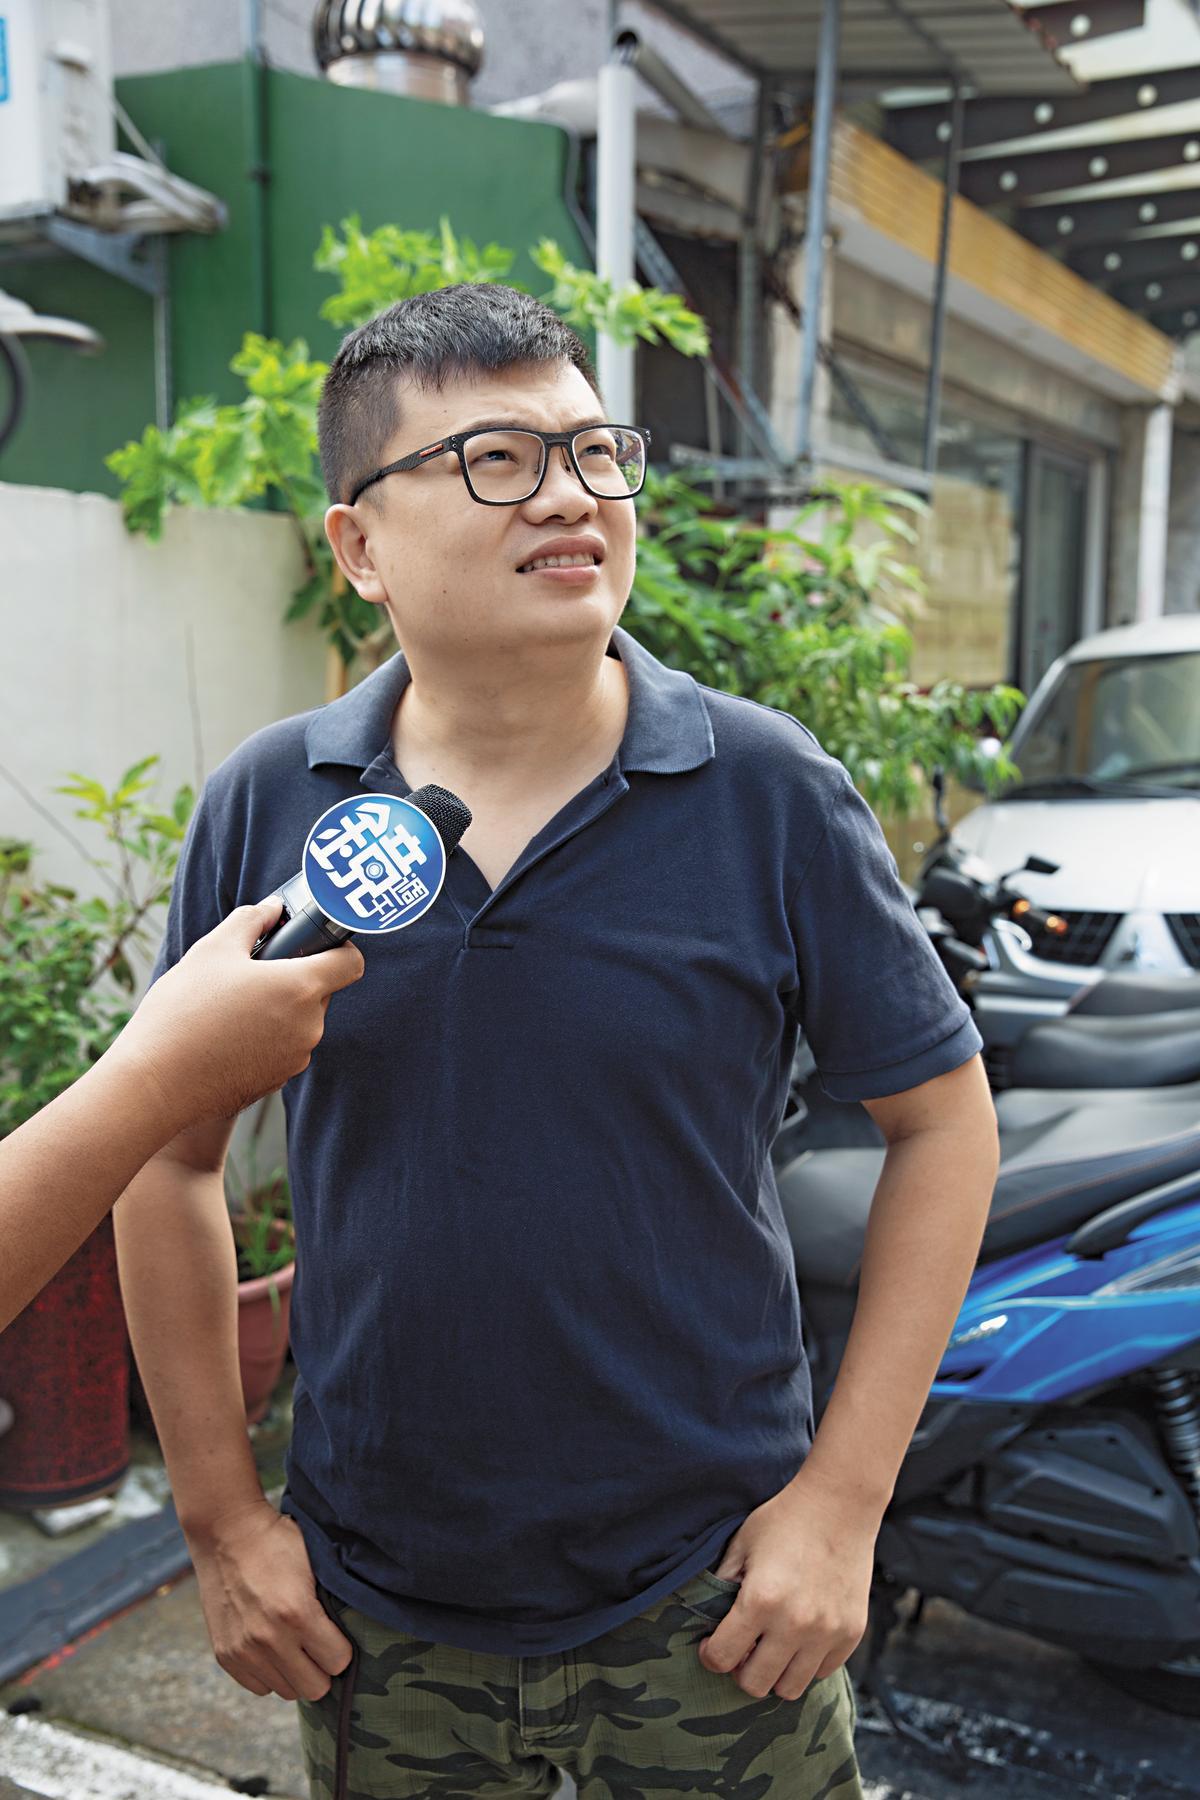 36歲鍾先生表示,北市府要有作為,外觀看起來是蠻好看,但知道材質是塑膠當然會擔心,希望建物外牆以防火優先,市府儘速改善外牆材質。